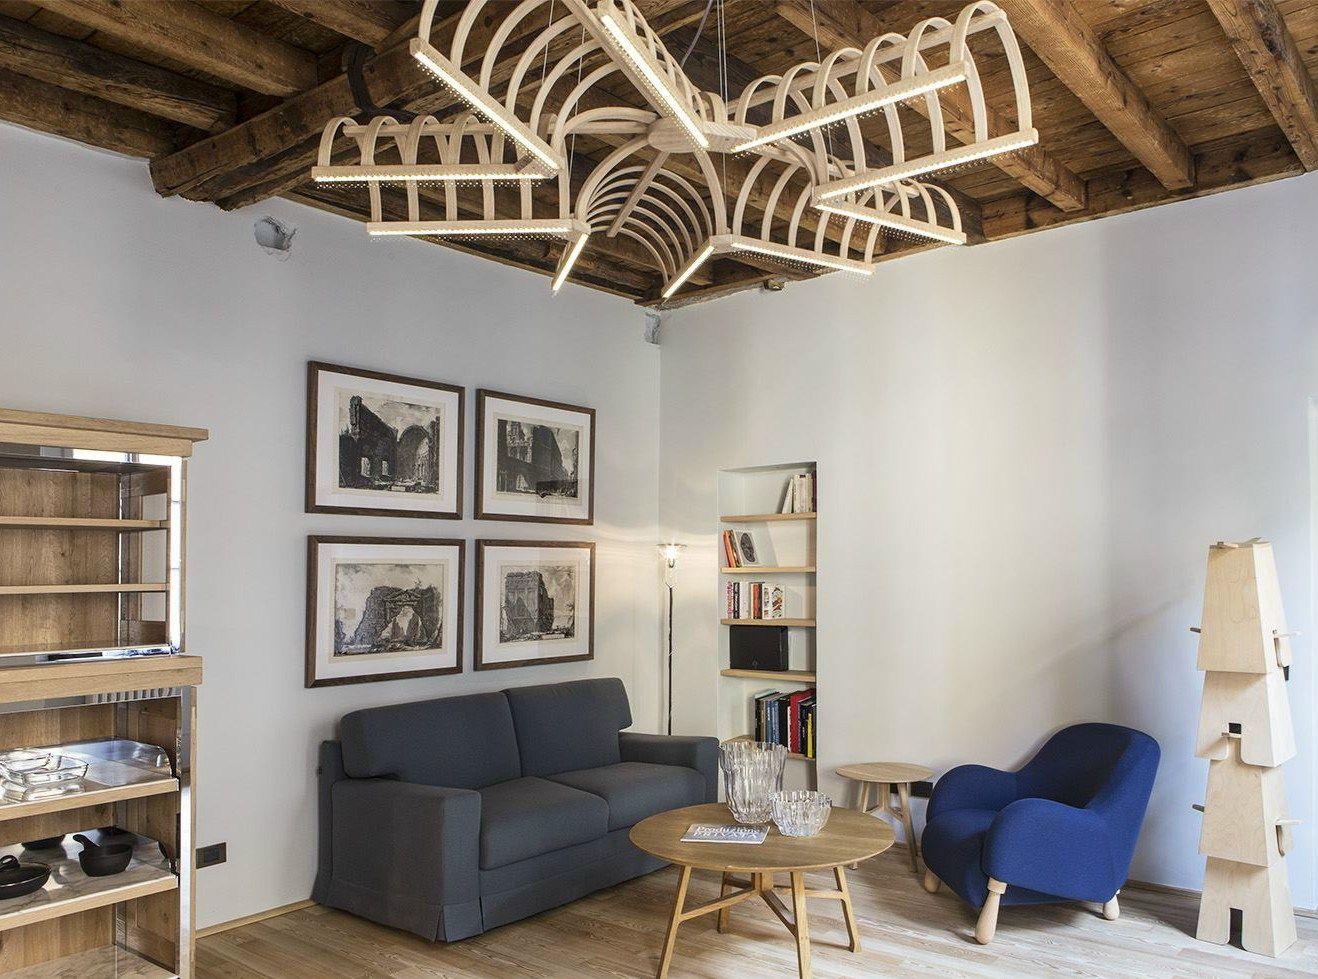 Un edificio stile 'Vecchia Milano' ospita l'ultima opera di De Lucchi